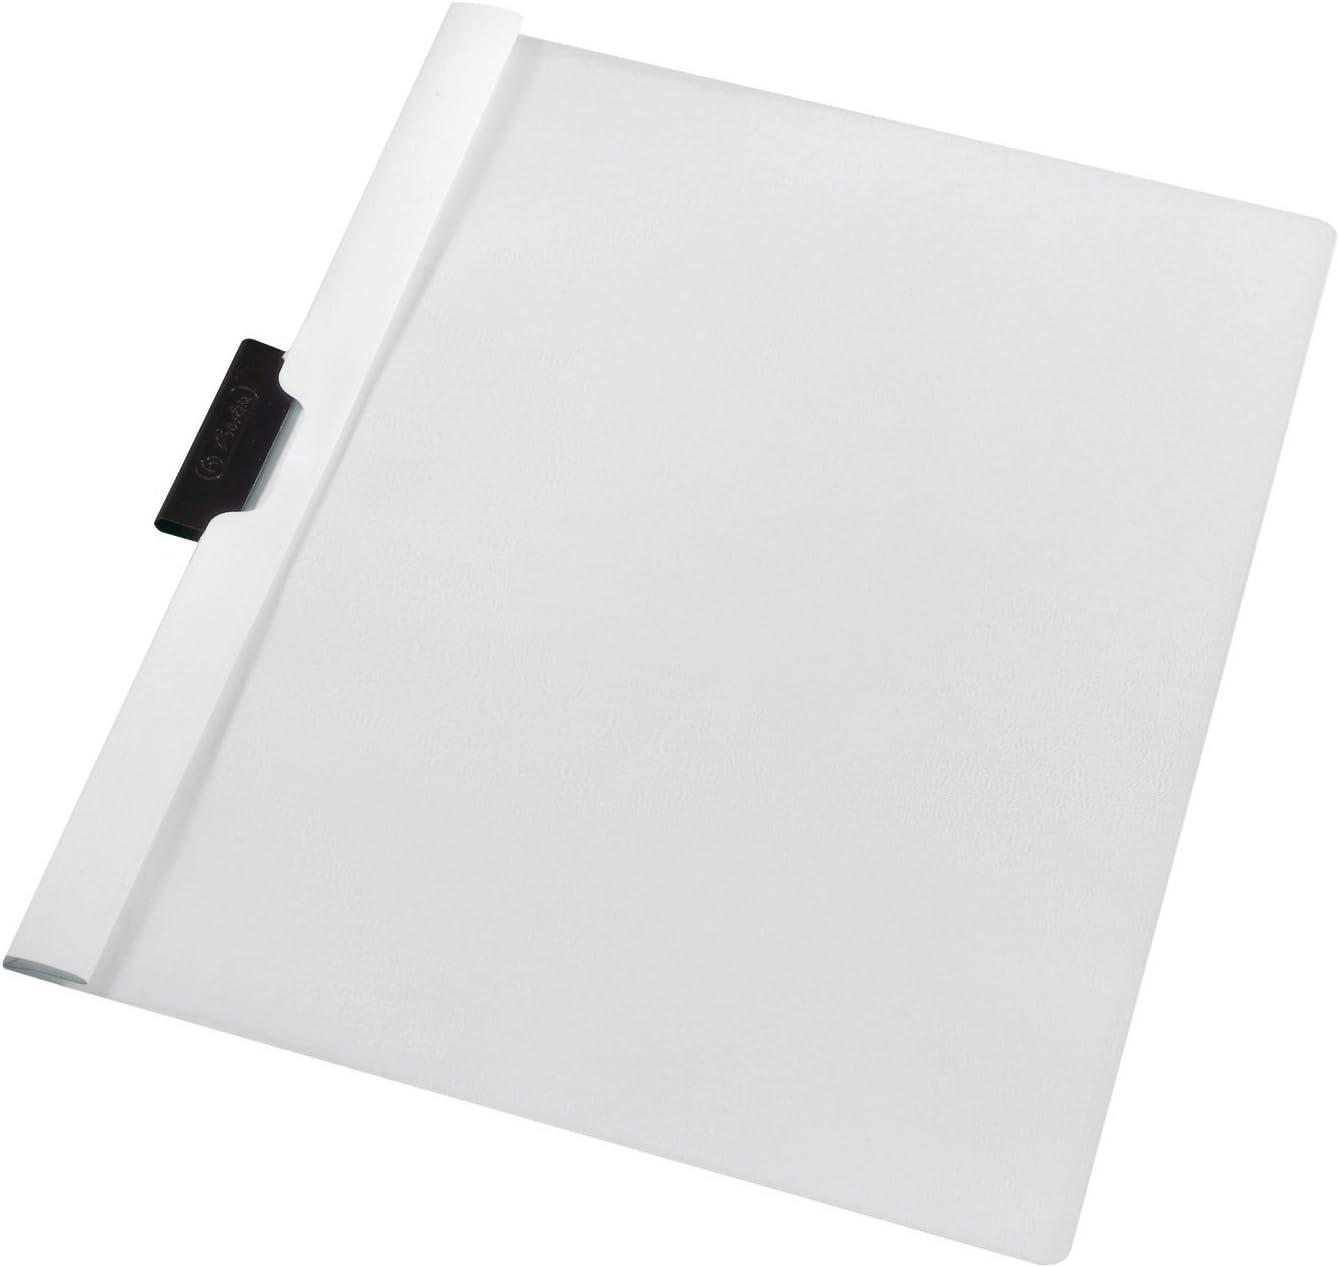 Herlitz 10312817 - Funda plástica con solapa transparente capacidad para 60 hojas de PVC color blanco (Pack de 5)